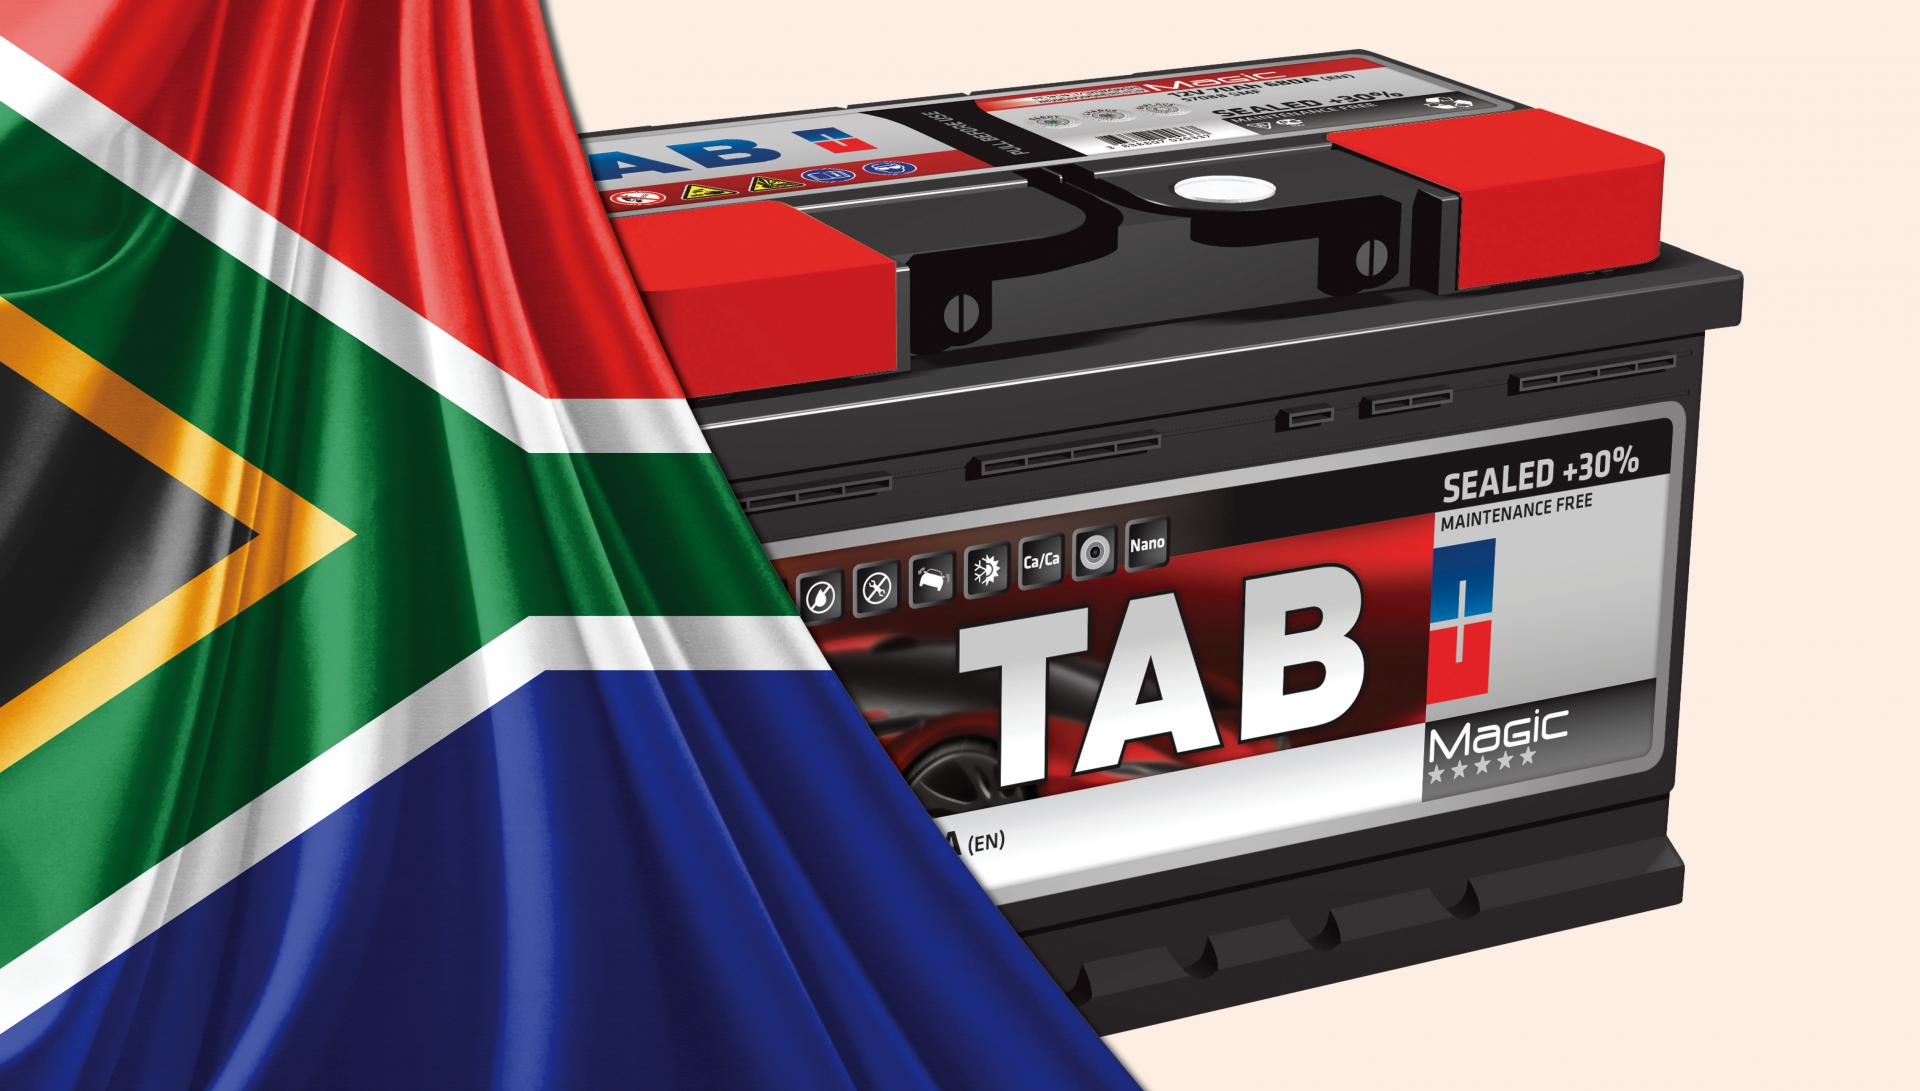 Mežiški TAB pred prodajo južnoafriški skupini Metair